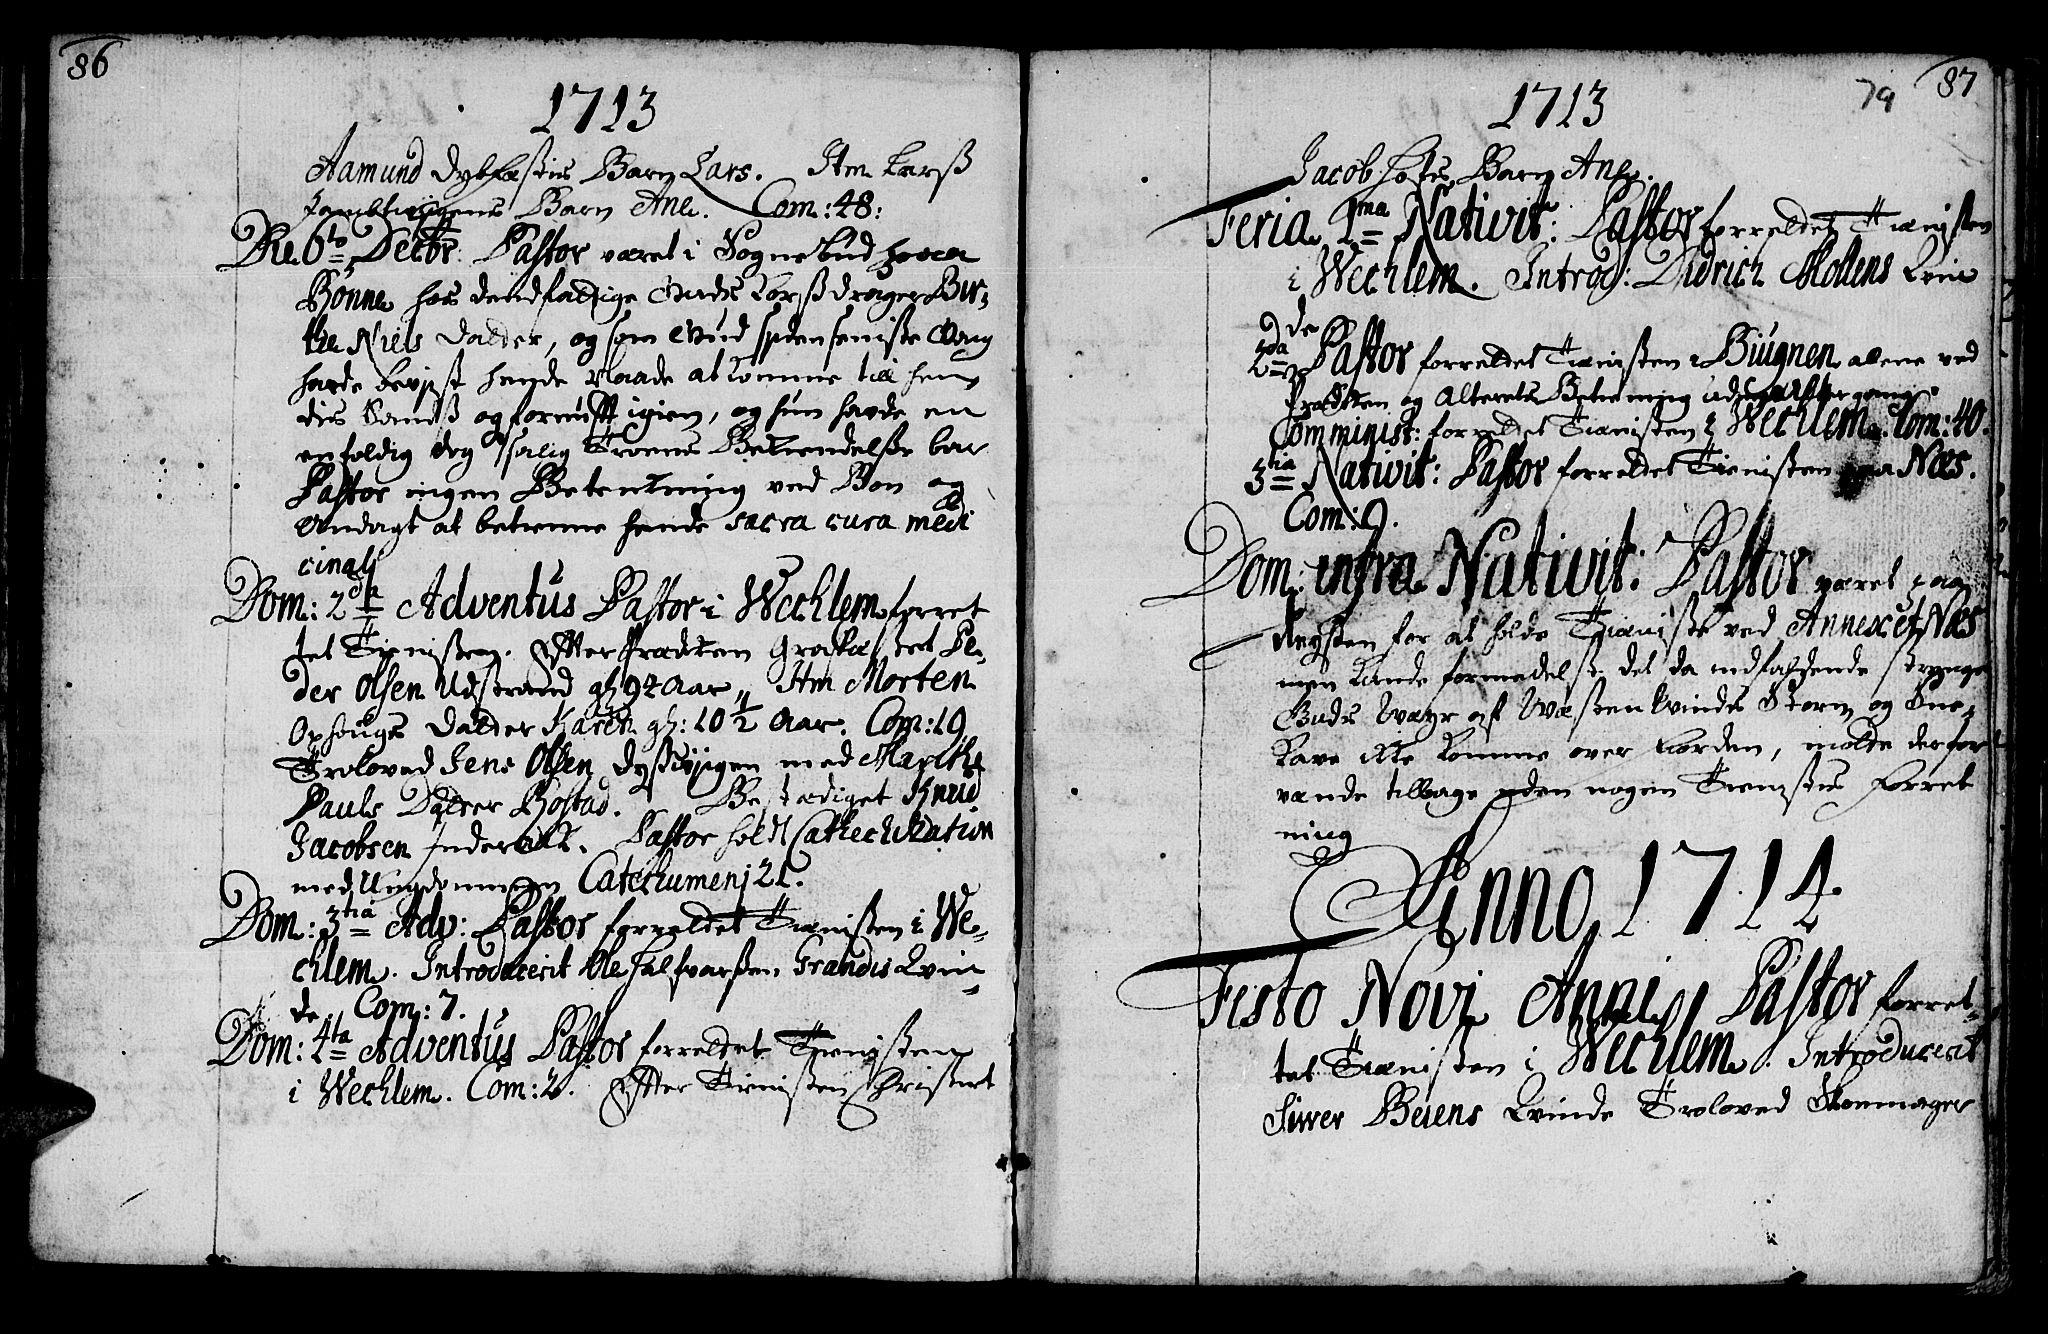 SAT, Ministerialprotokoller, klokkerbøker og fødselsregistre - Sør-Trøndelag, 659/L0731: Ministerialbok nr. 659A01, 1709-1731, s. 78-79